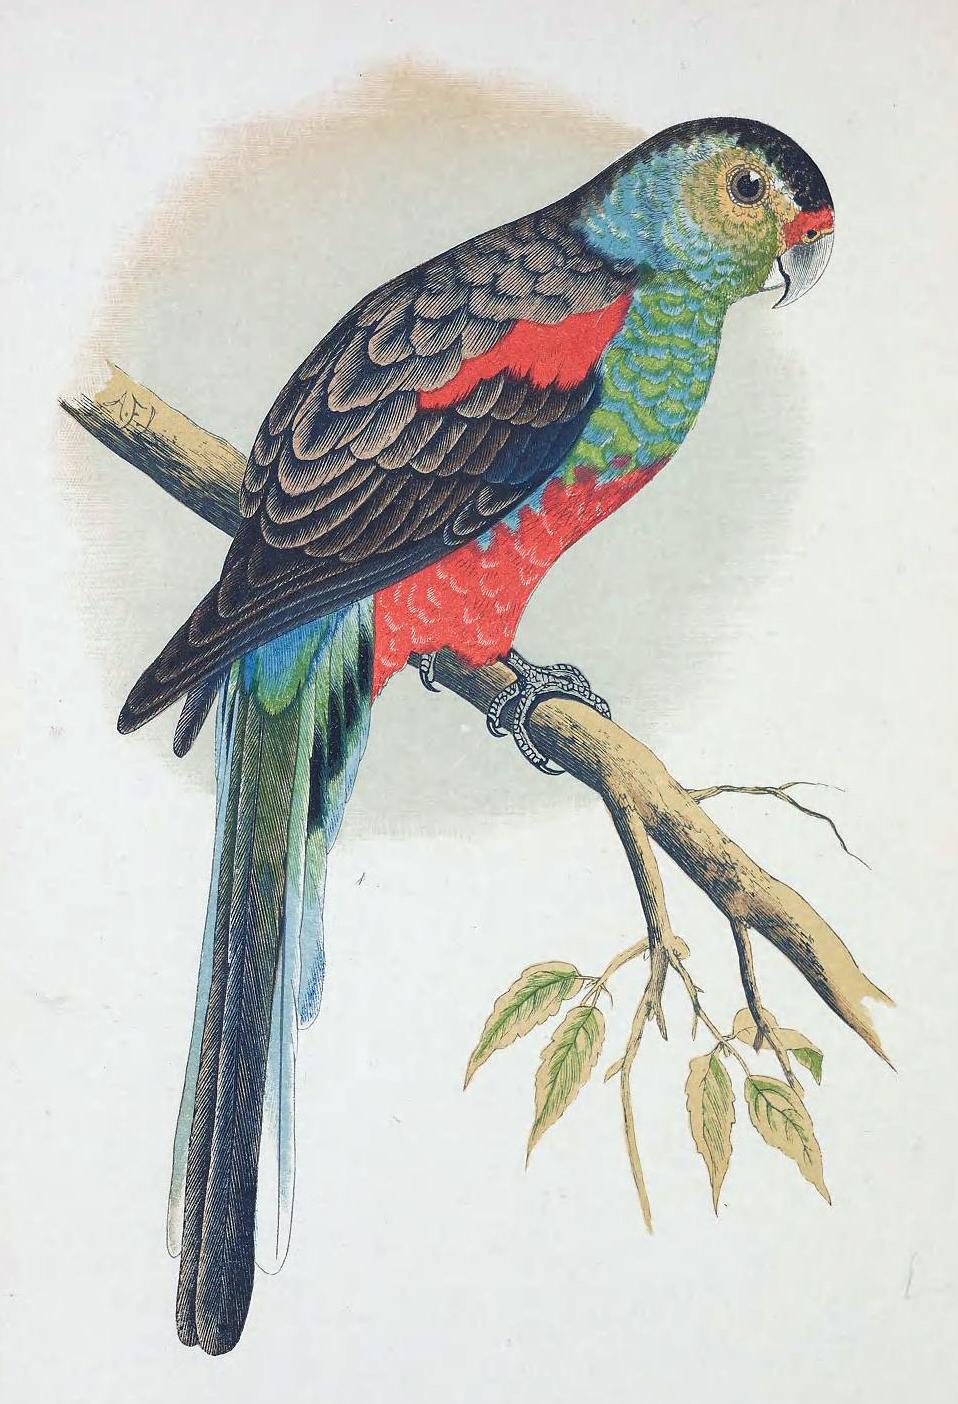 Вымершие и уничтоженные виды попугаев и других птиц Paradise_Parrot